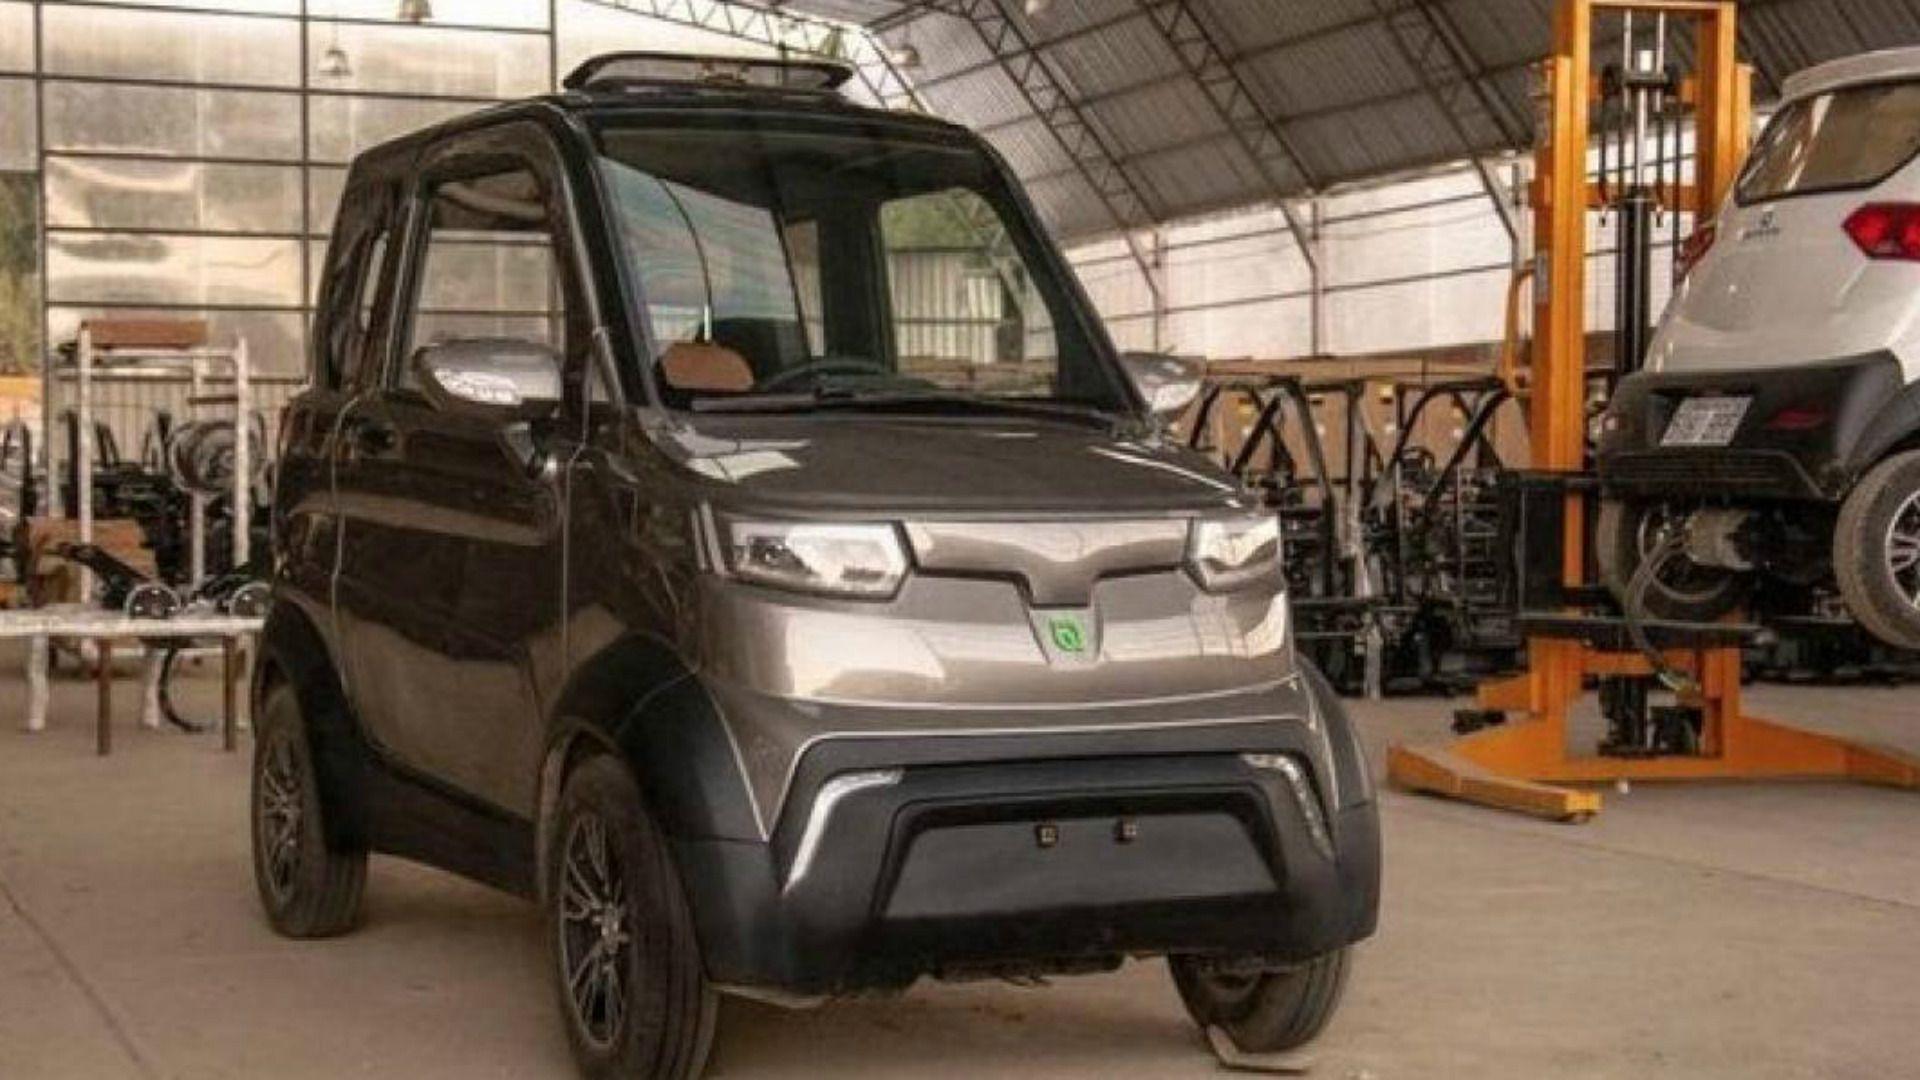 Parabrisas | Así es el primer auto eléctrico construido en Bolivia